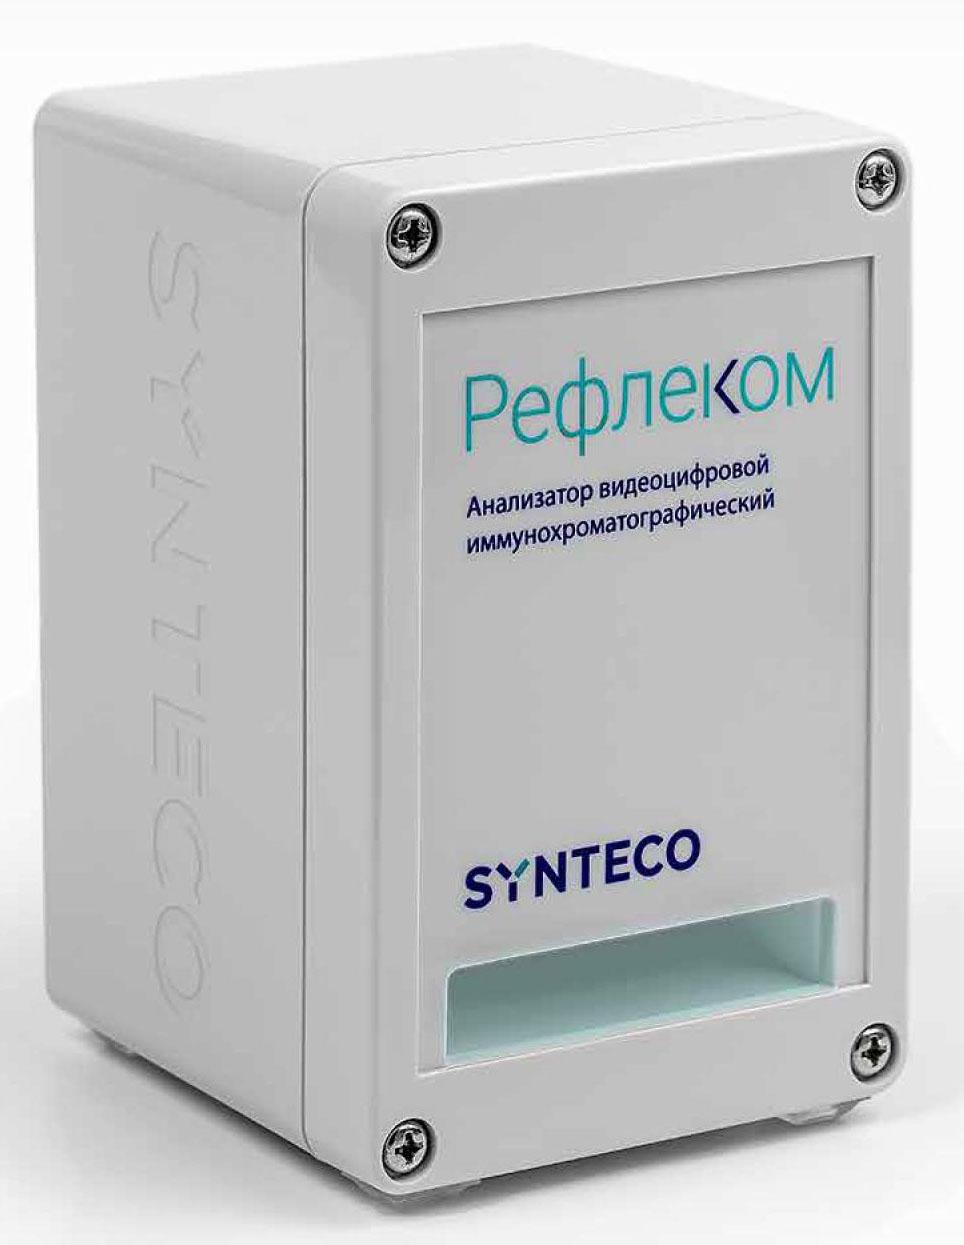 Анализатор видеоцифровой иммунохроматографический Рефлеком для предварительных химико-токсикологических исследований